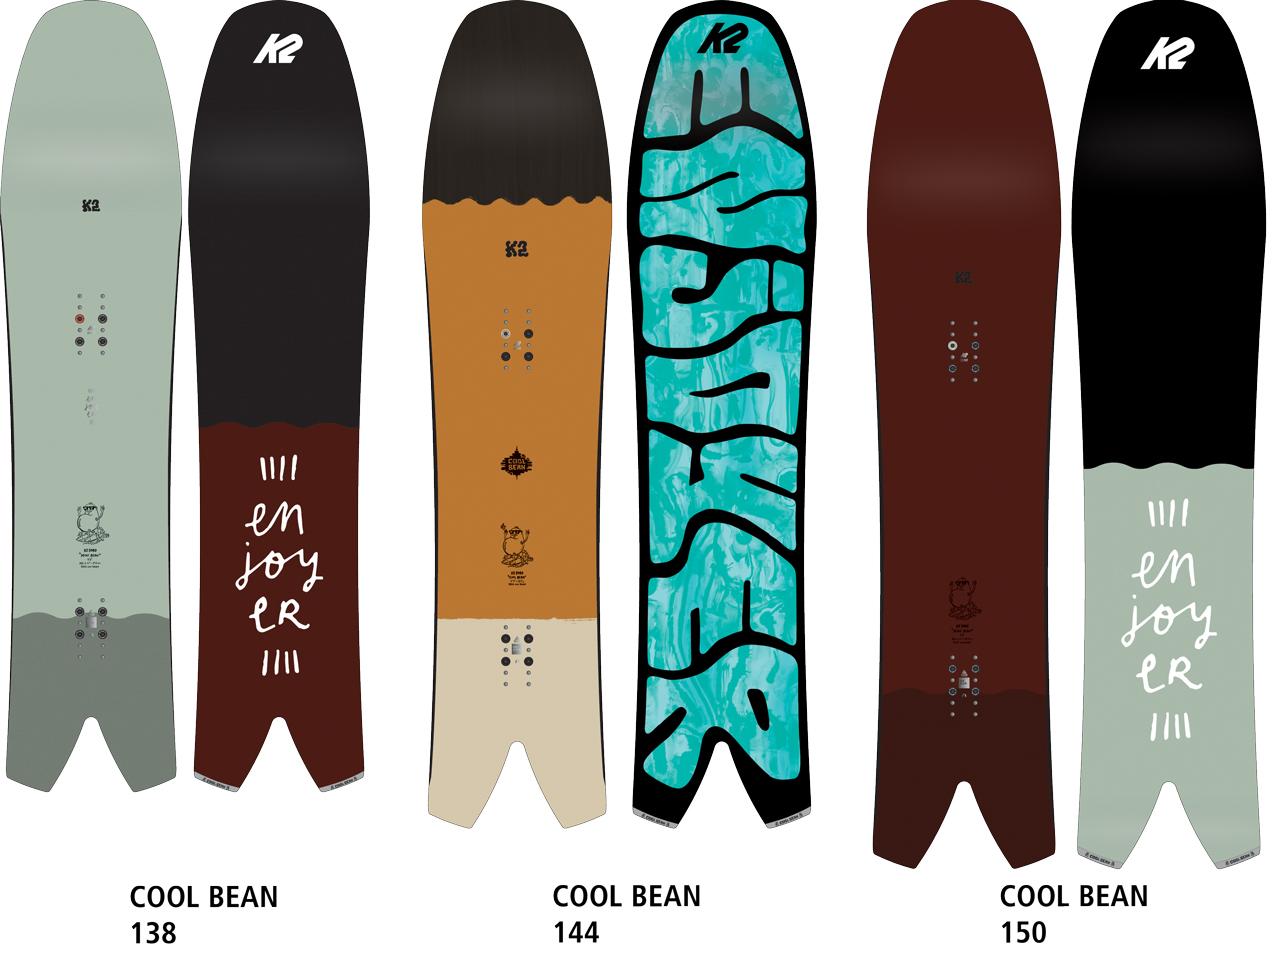 Das Cool Bean aus der Enjoyers-Kollektion von K2 Snowboarding